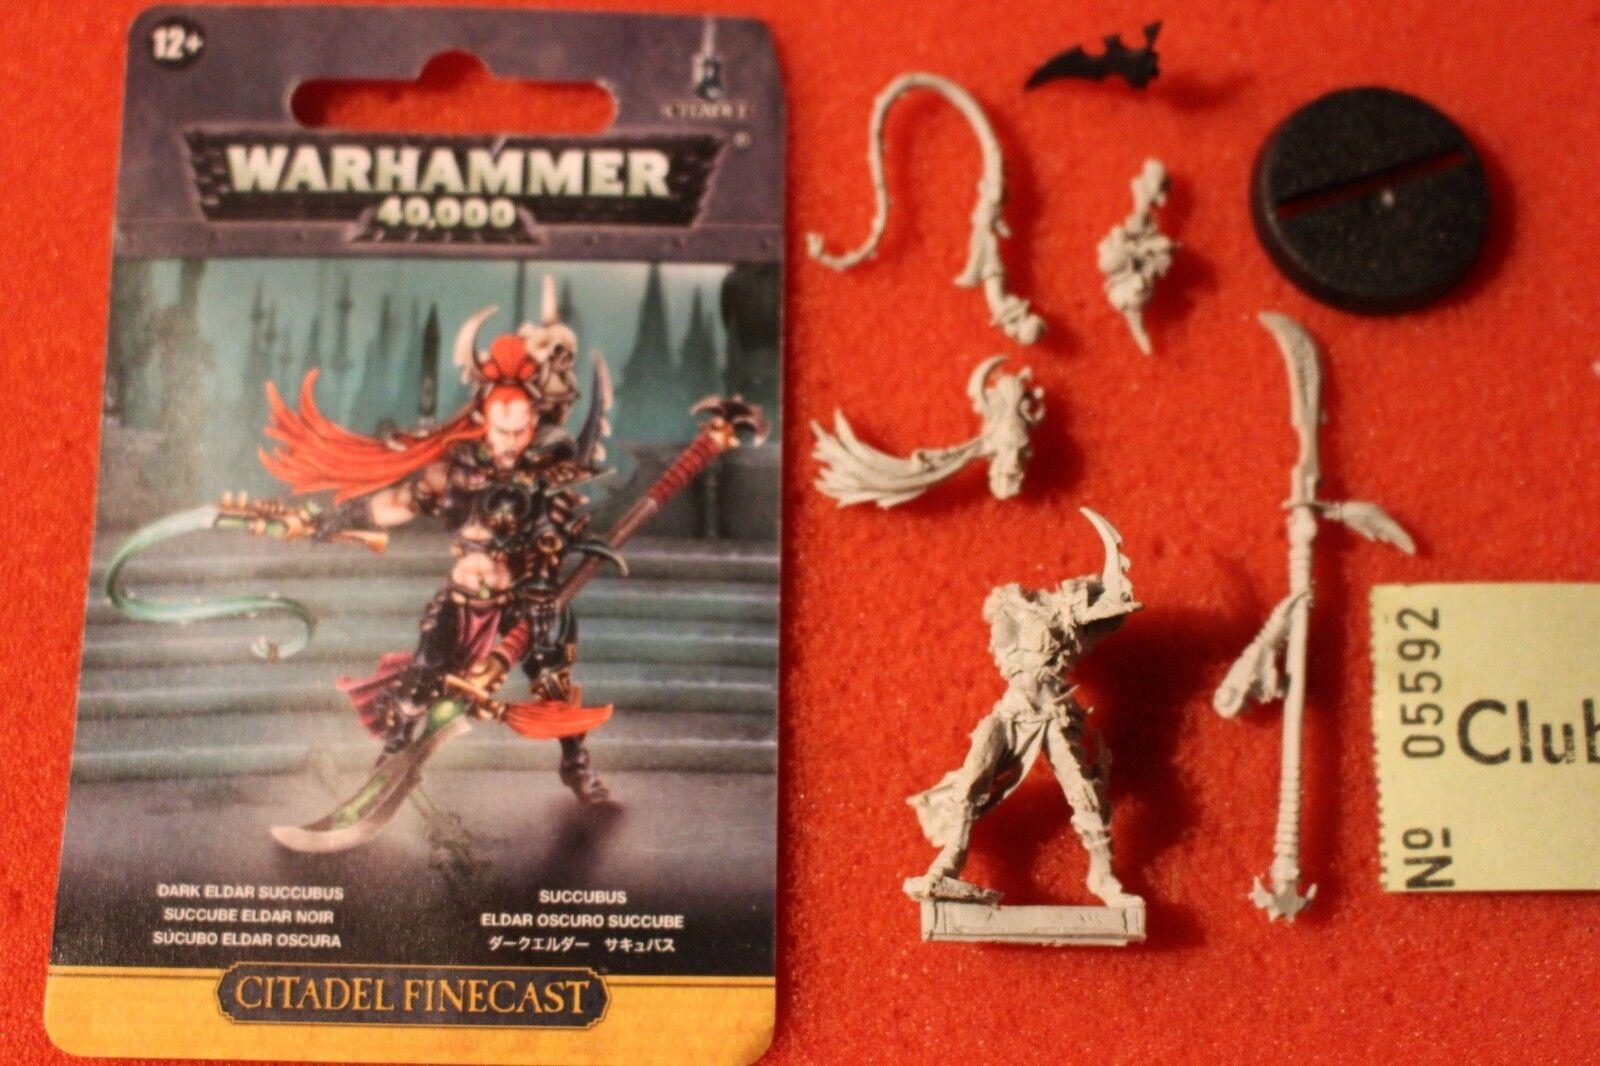 Games Workshop Warhammer 40K Dark Eldar Succubi Wych Succubus New Finecast WH40K